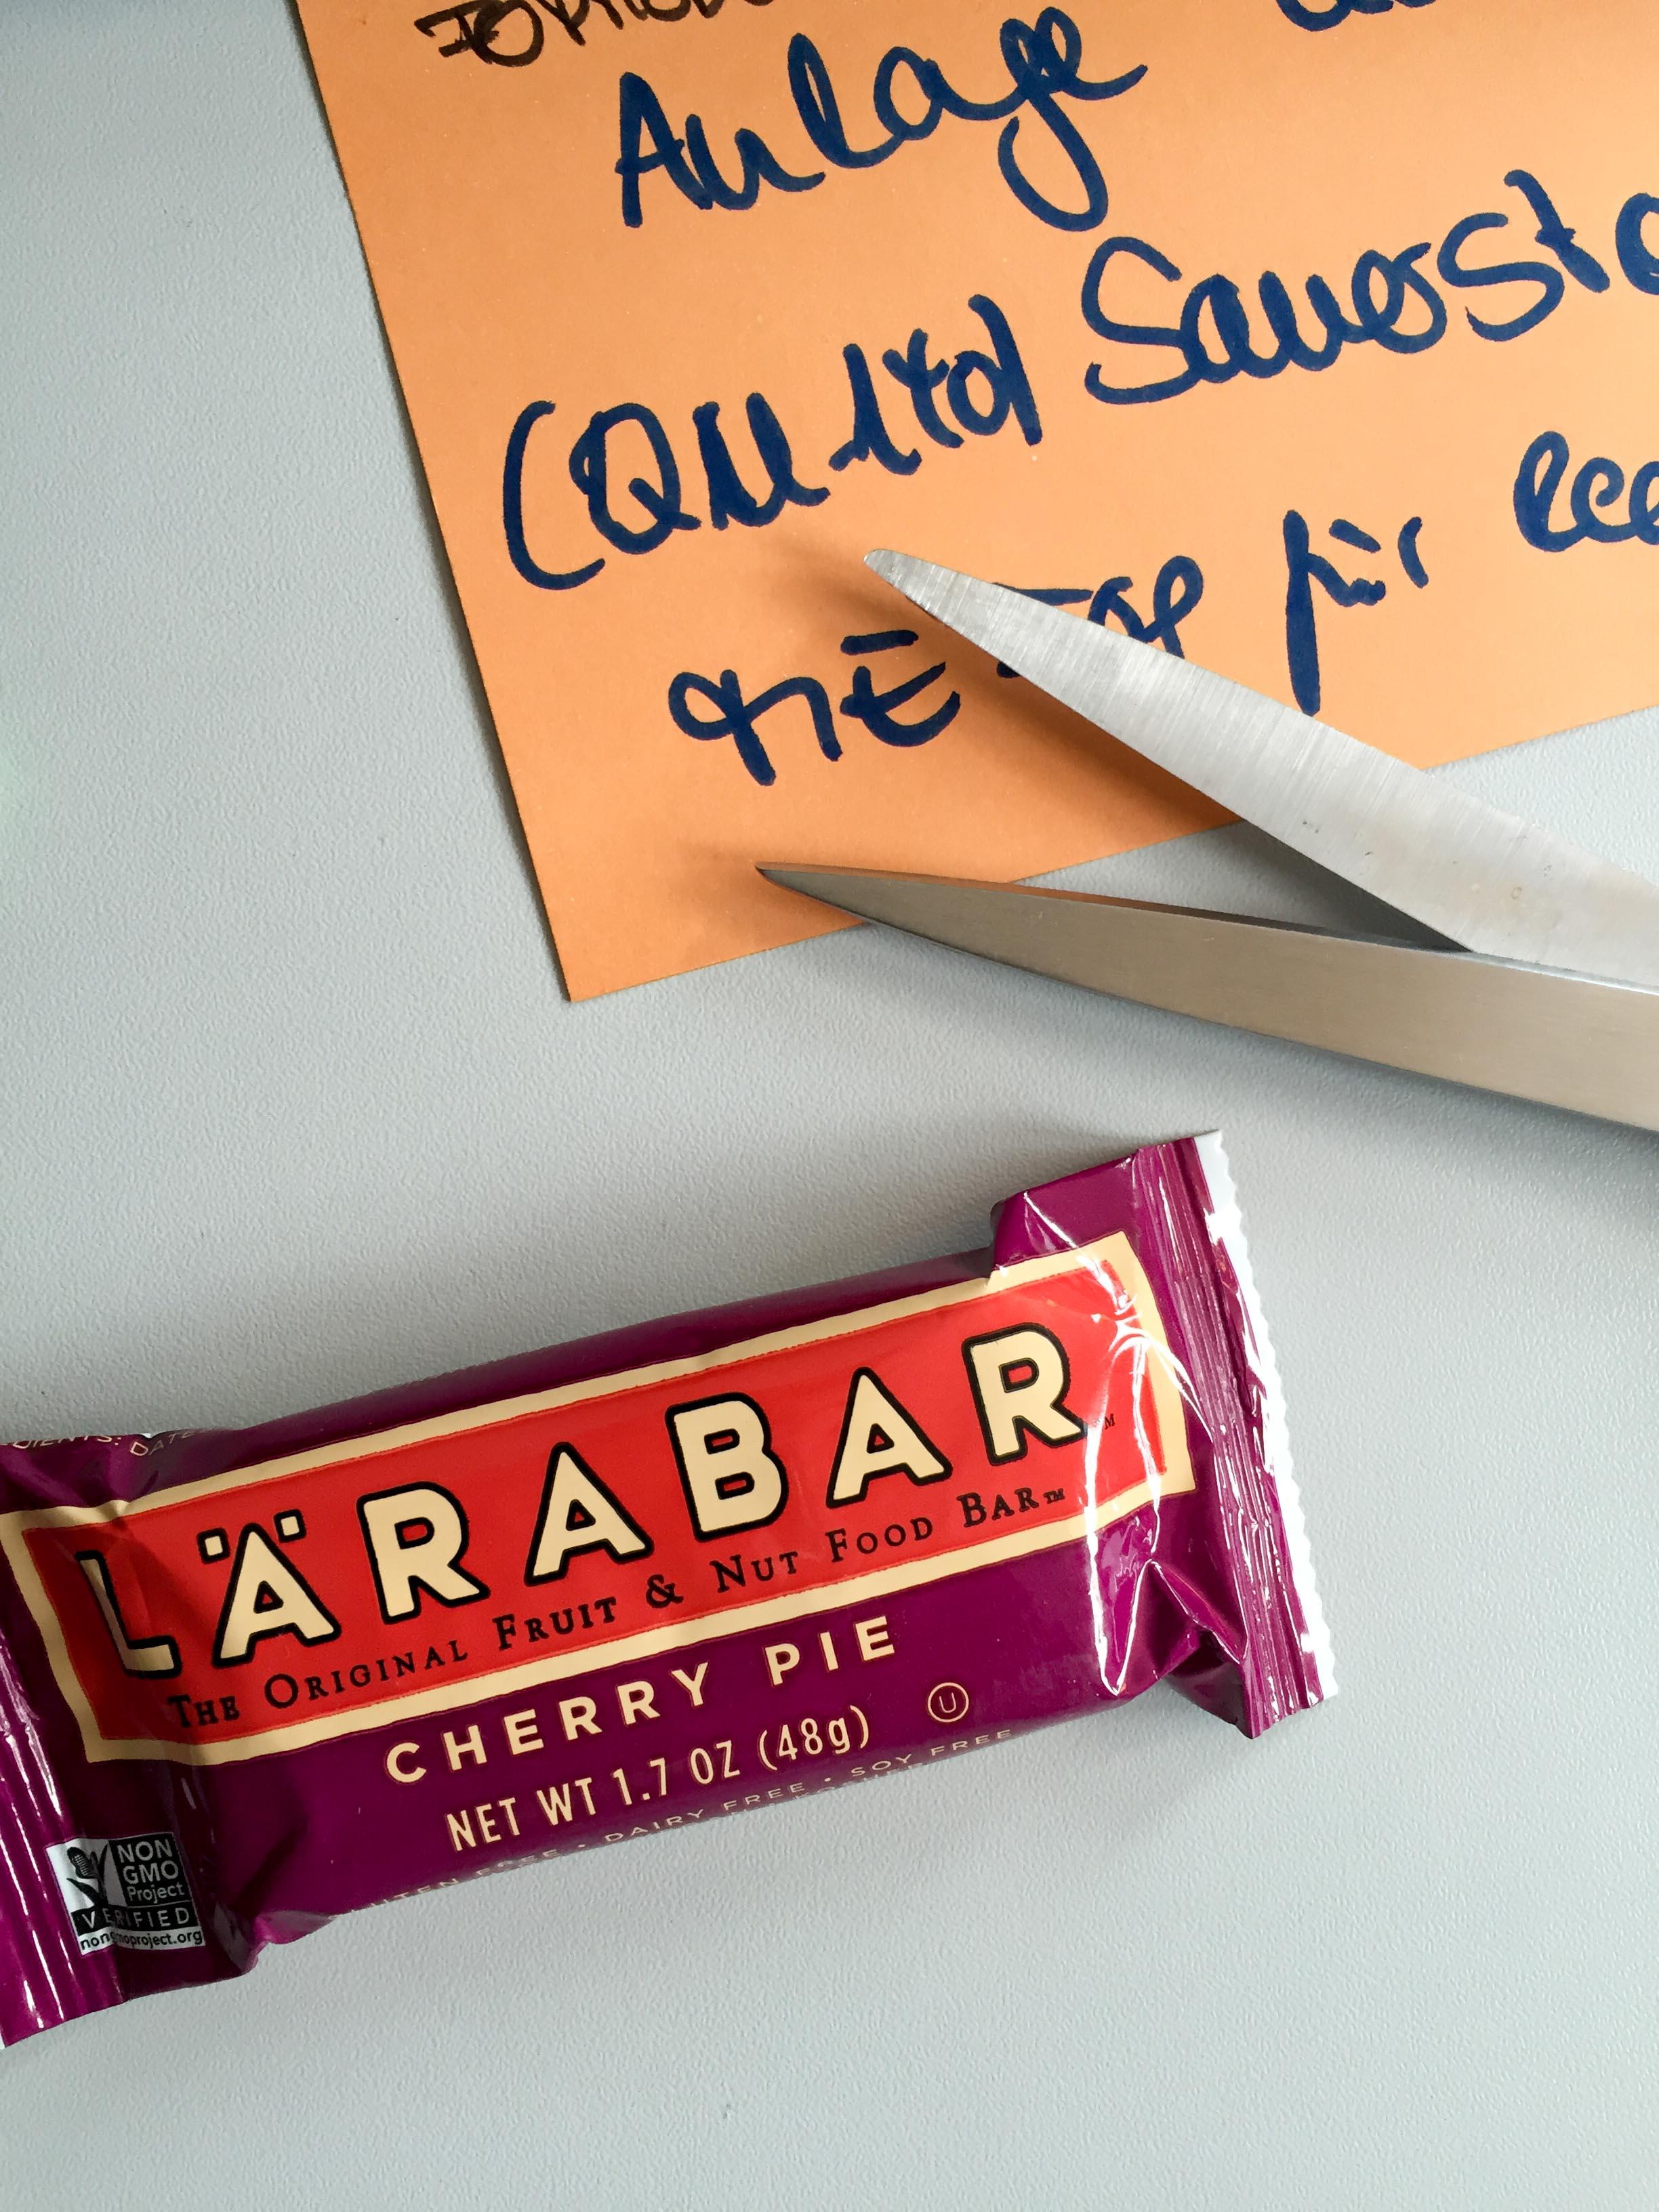 Frühstück vergessen - zum Glück hatte ich in meiner Schreibtischschublade noch einen meiner Lieblingsriegel!